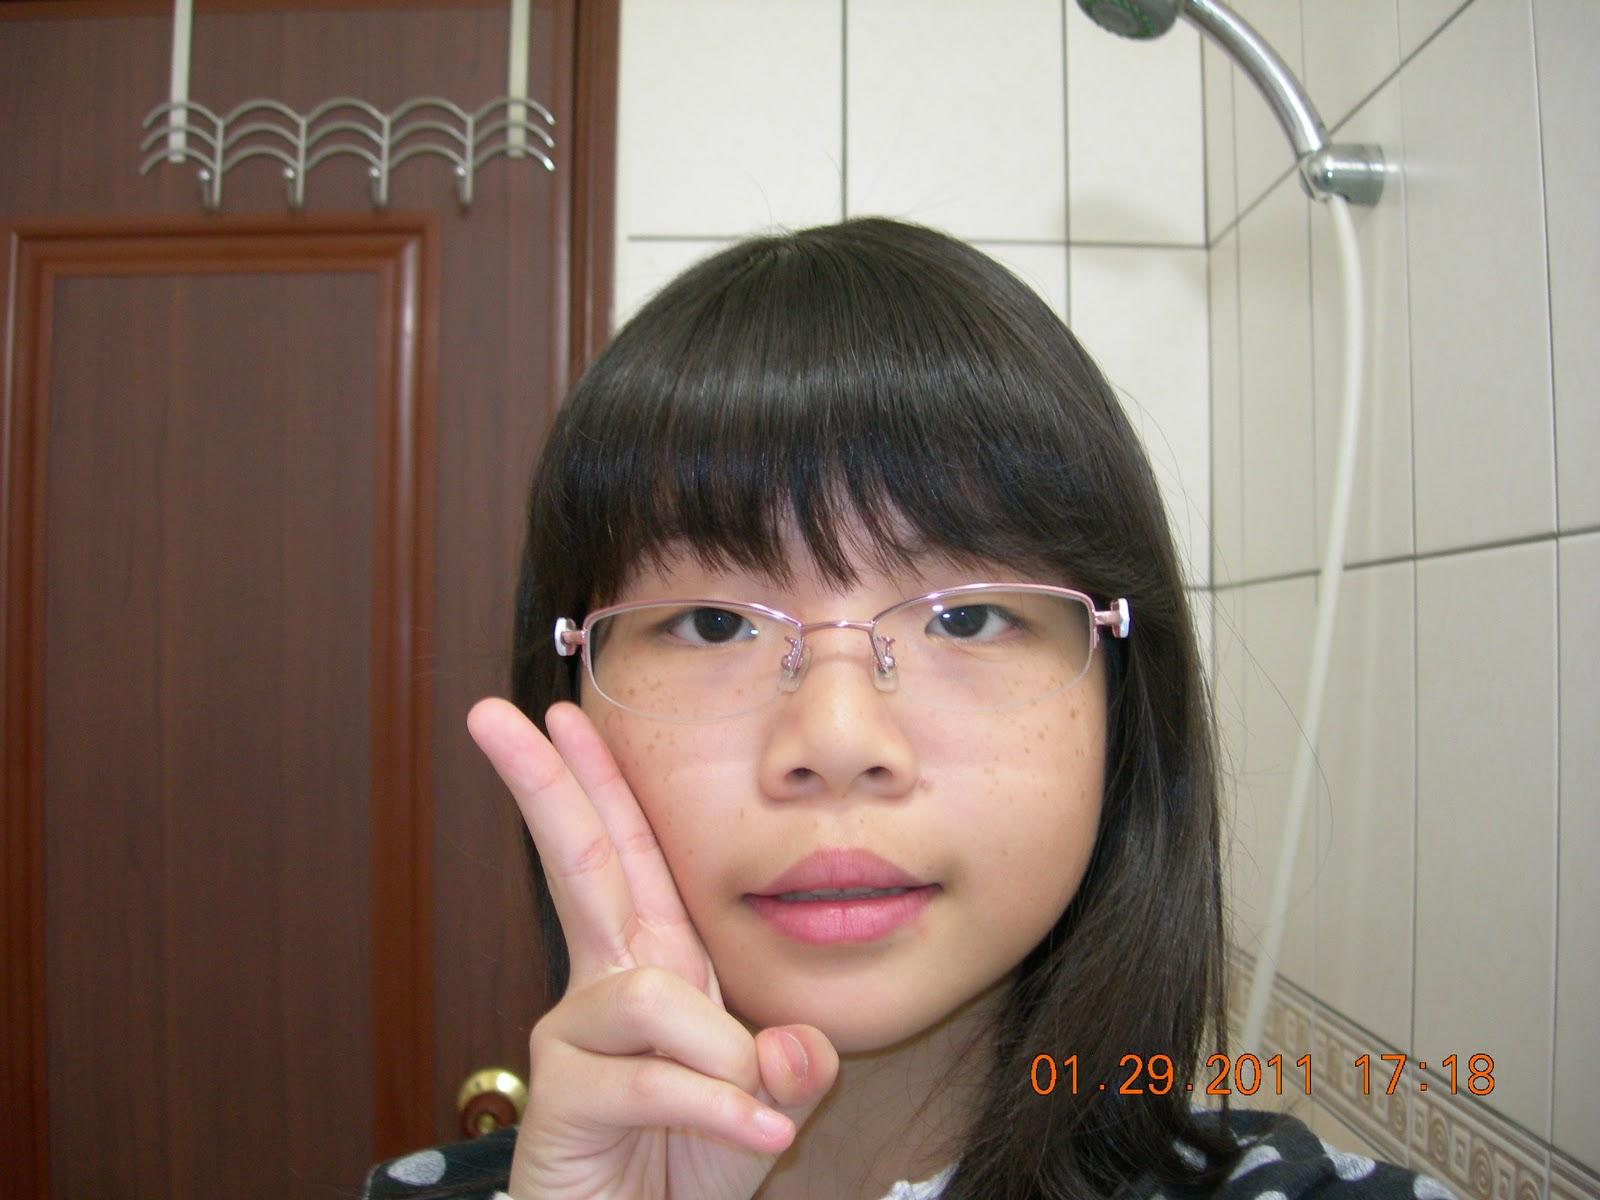 記得當時年紀小: 剪髮^